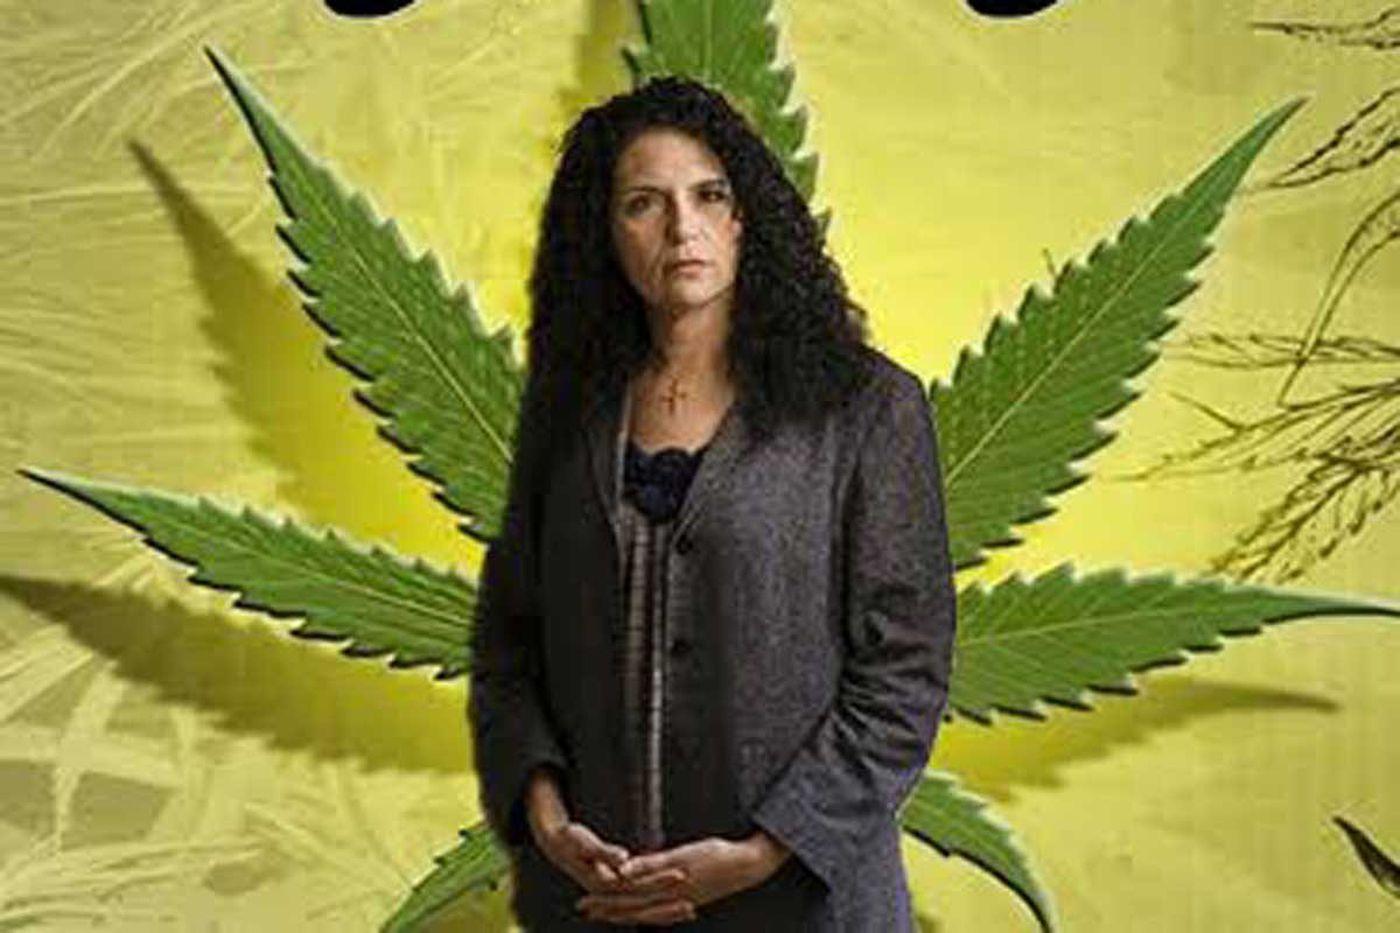 Pa. marijuana dispensaries join Michigan pain study